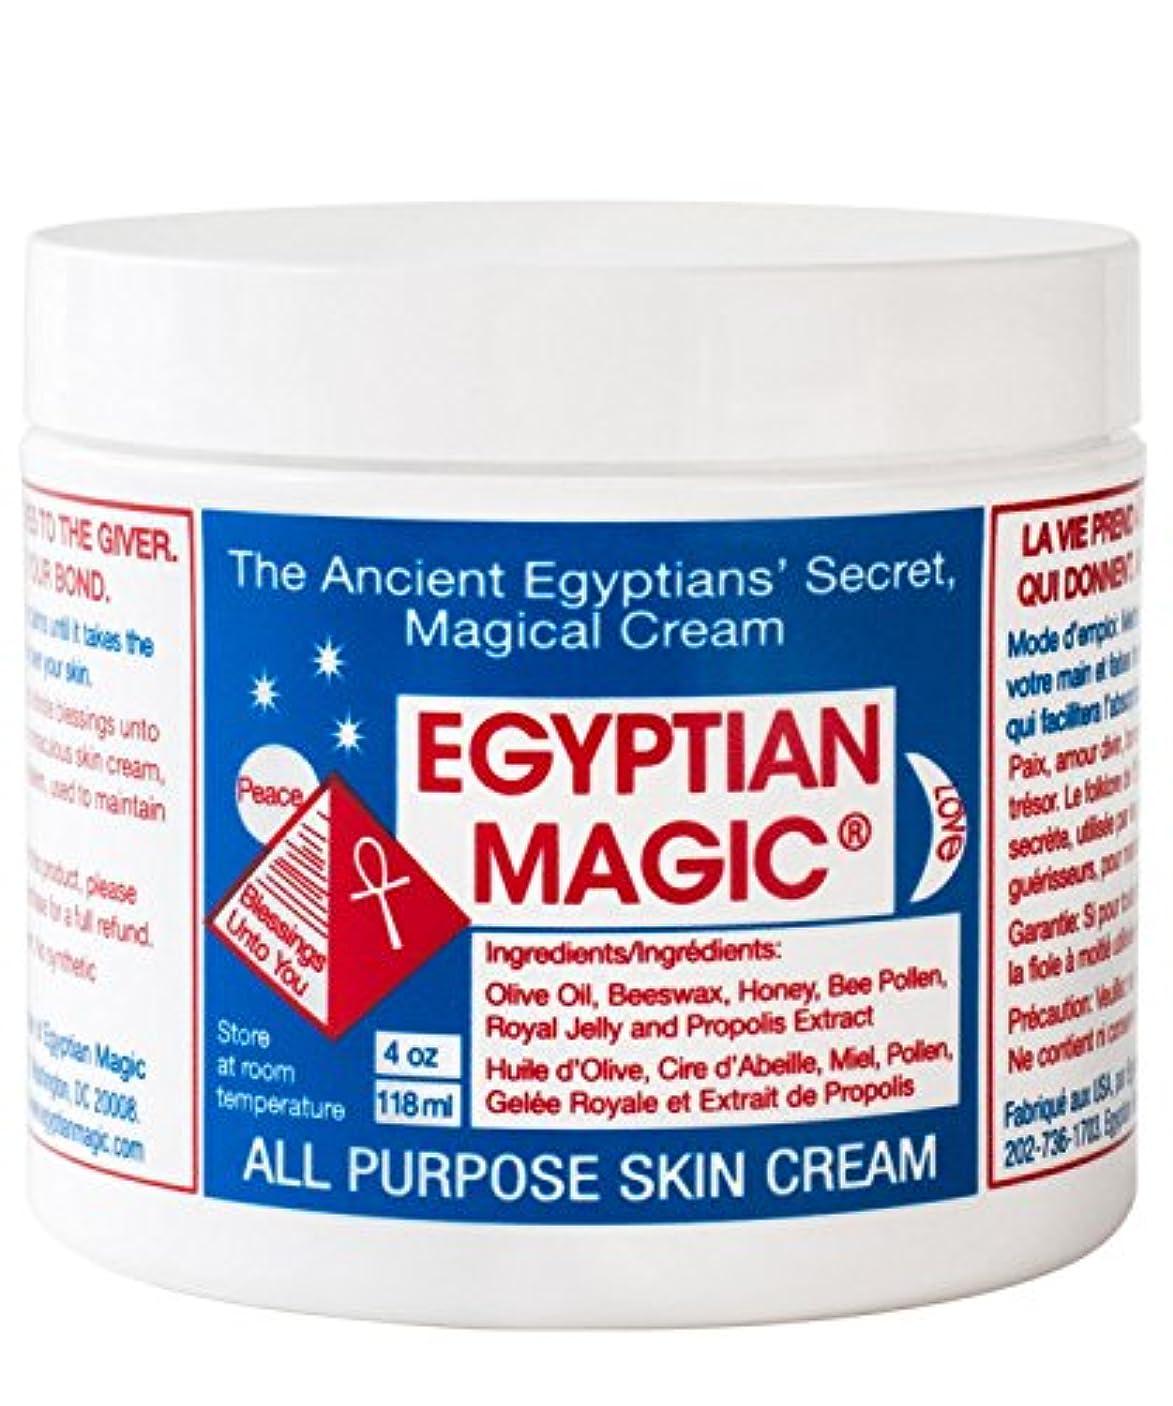 仕事に行く意志に反するキリスト教エジプトの魔法の万能スキンクリーム118ミリリットル x2 - Egyptian Magic All Purpose Skin Cream 118ml (Pack of 2) [並行輸入品]